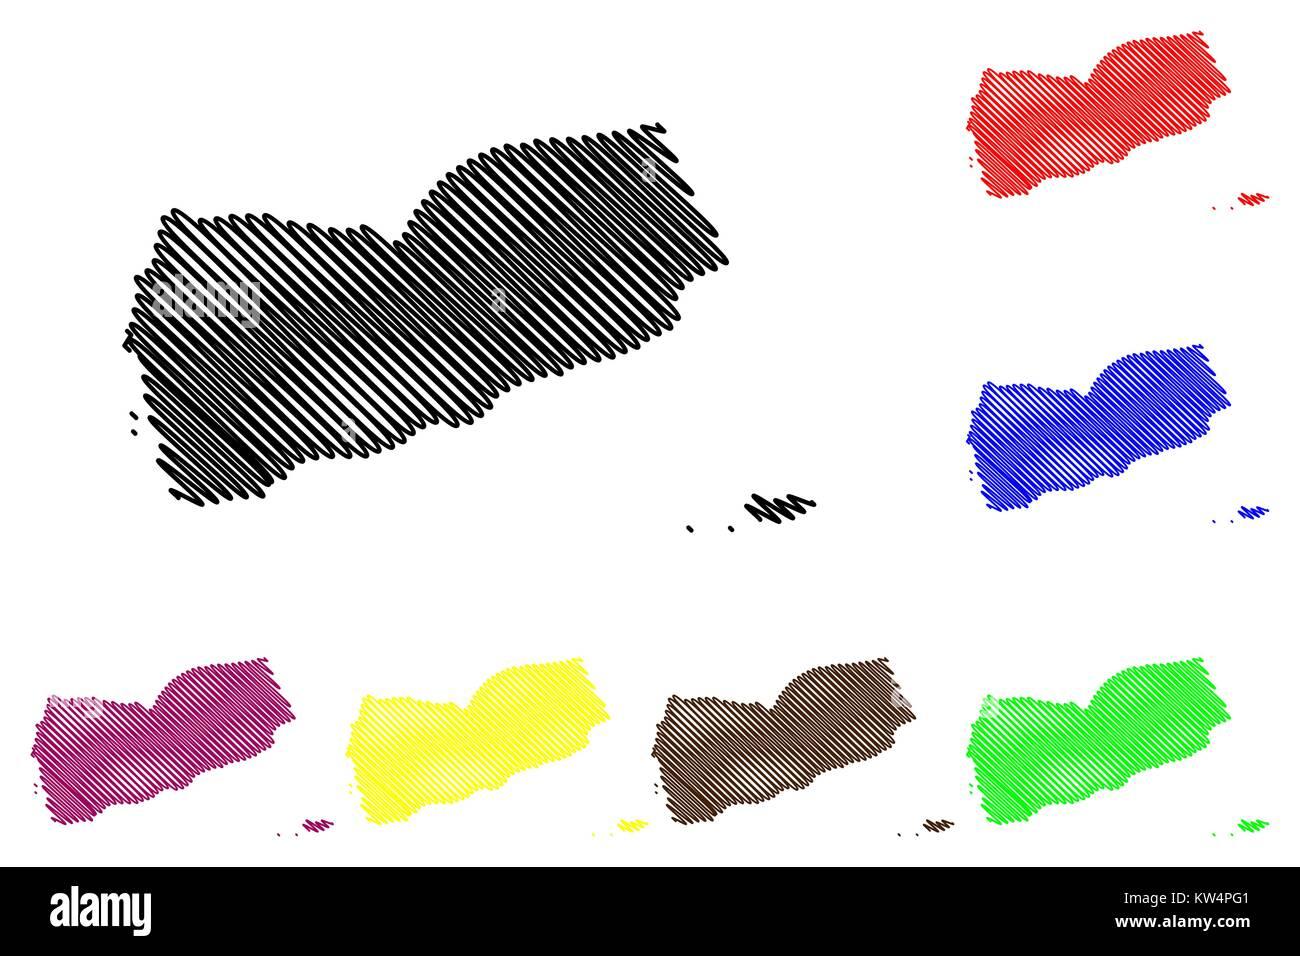 Yemen map vector illustration, scribble sketch Republic of Yemen - Stock Vector